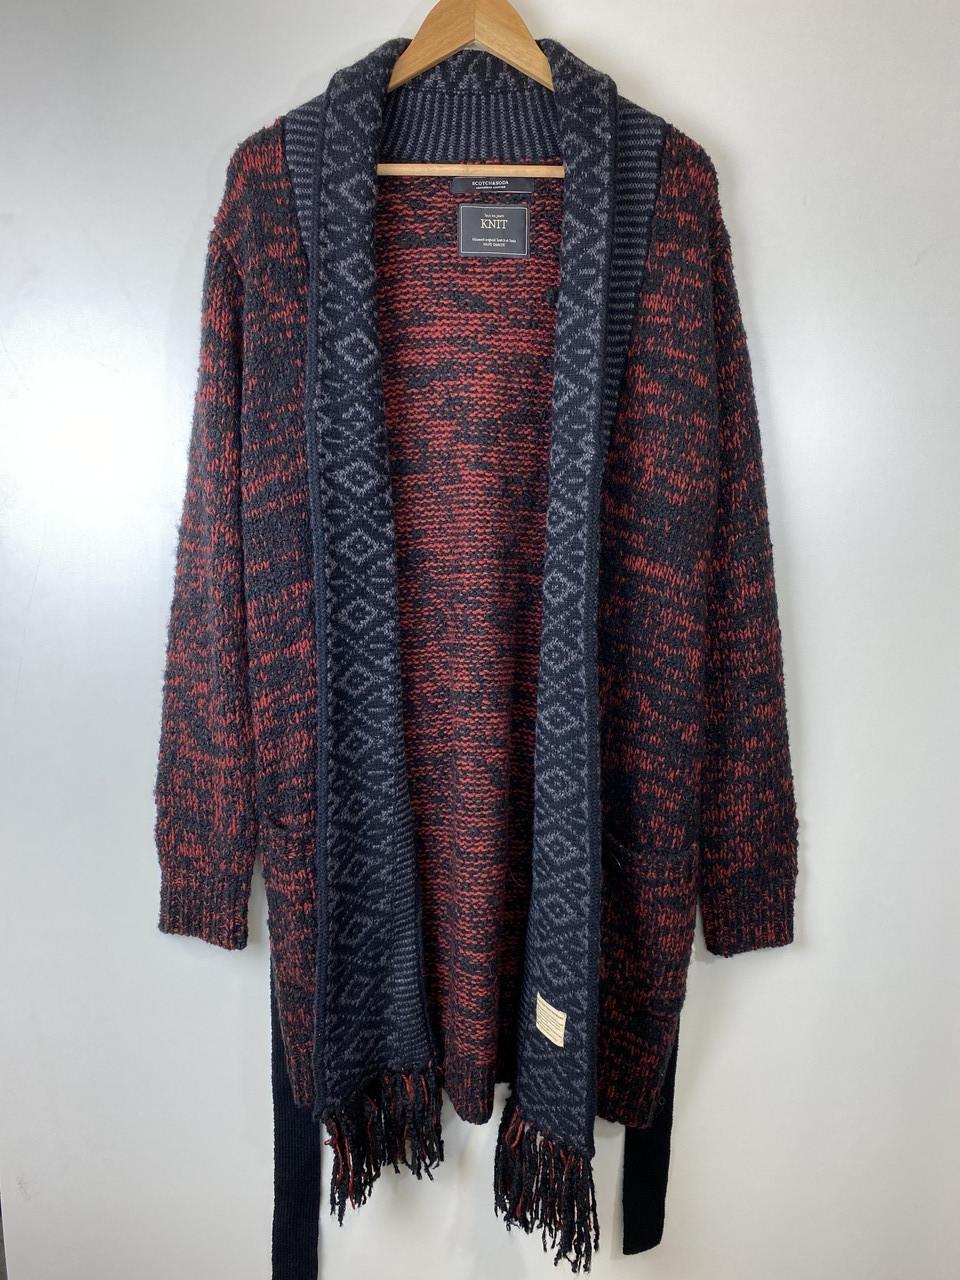 Кардиган мужской Scotch & Soda цвет бордово-черный размер M арт 13534816-FWMM-D60